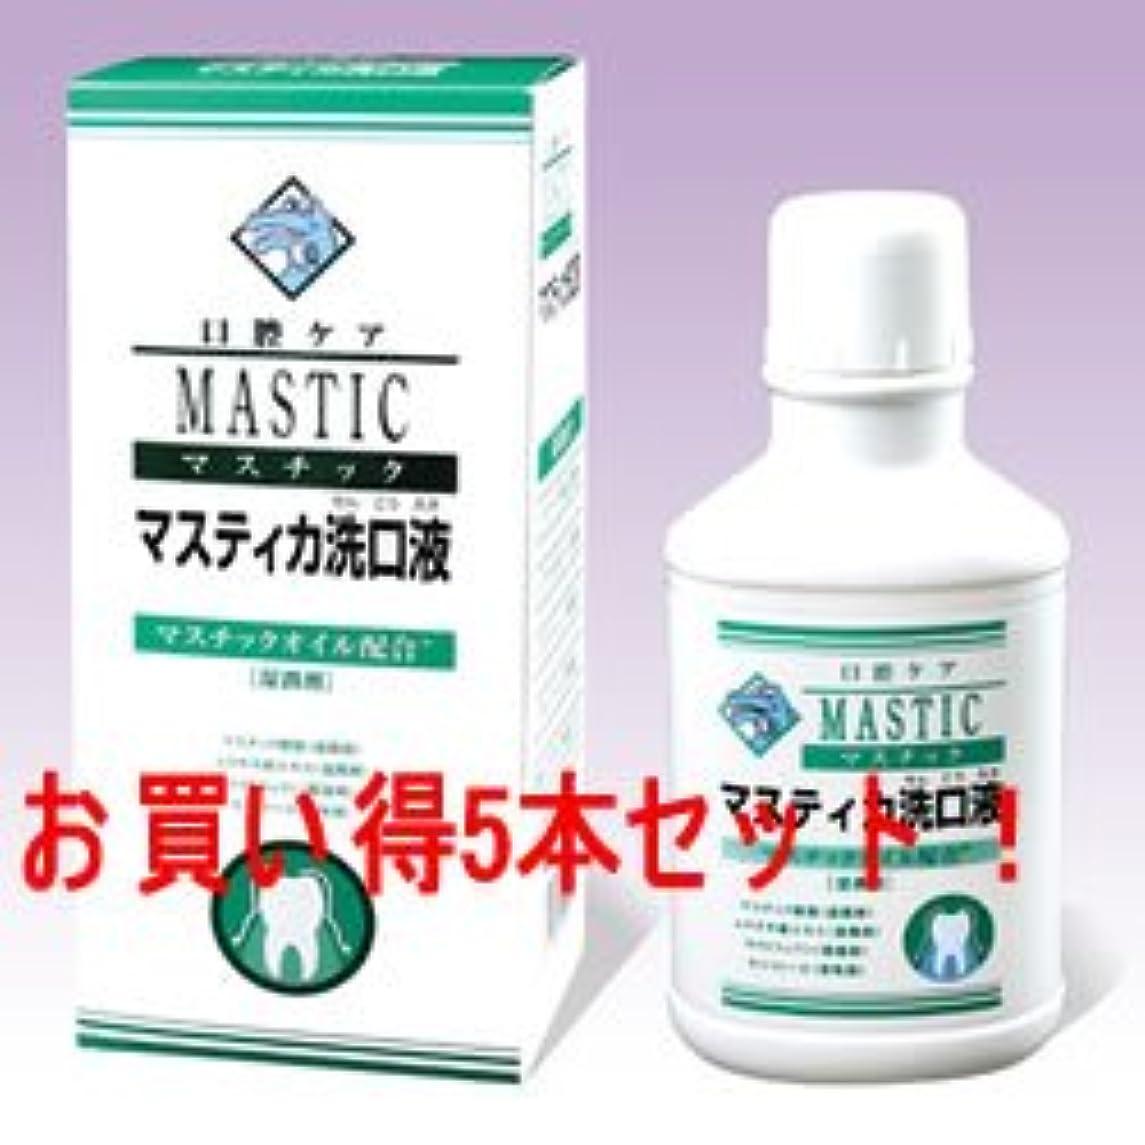 線形あいまいさ単調なマスチック マスティカ洗口液480ml(5本セット)